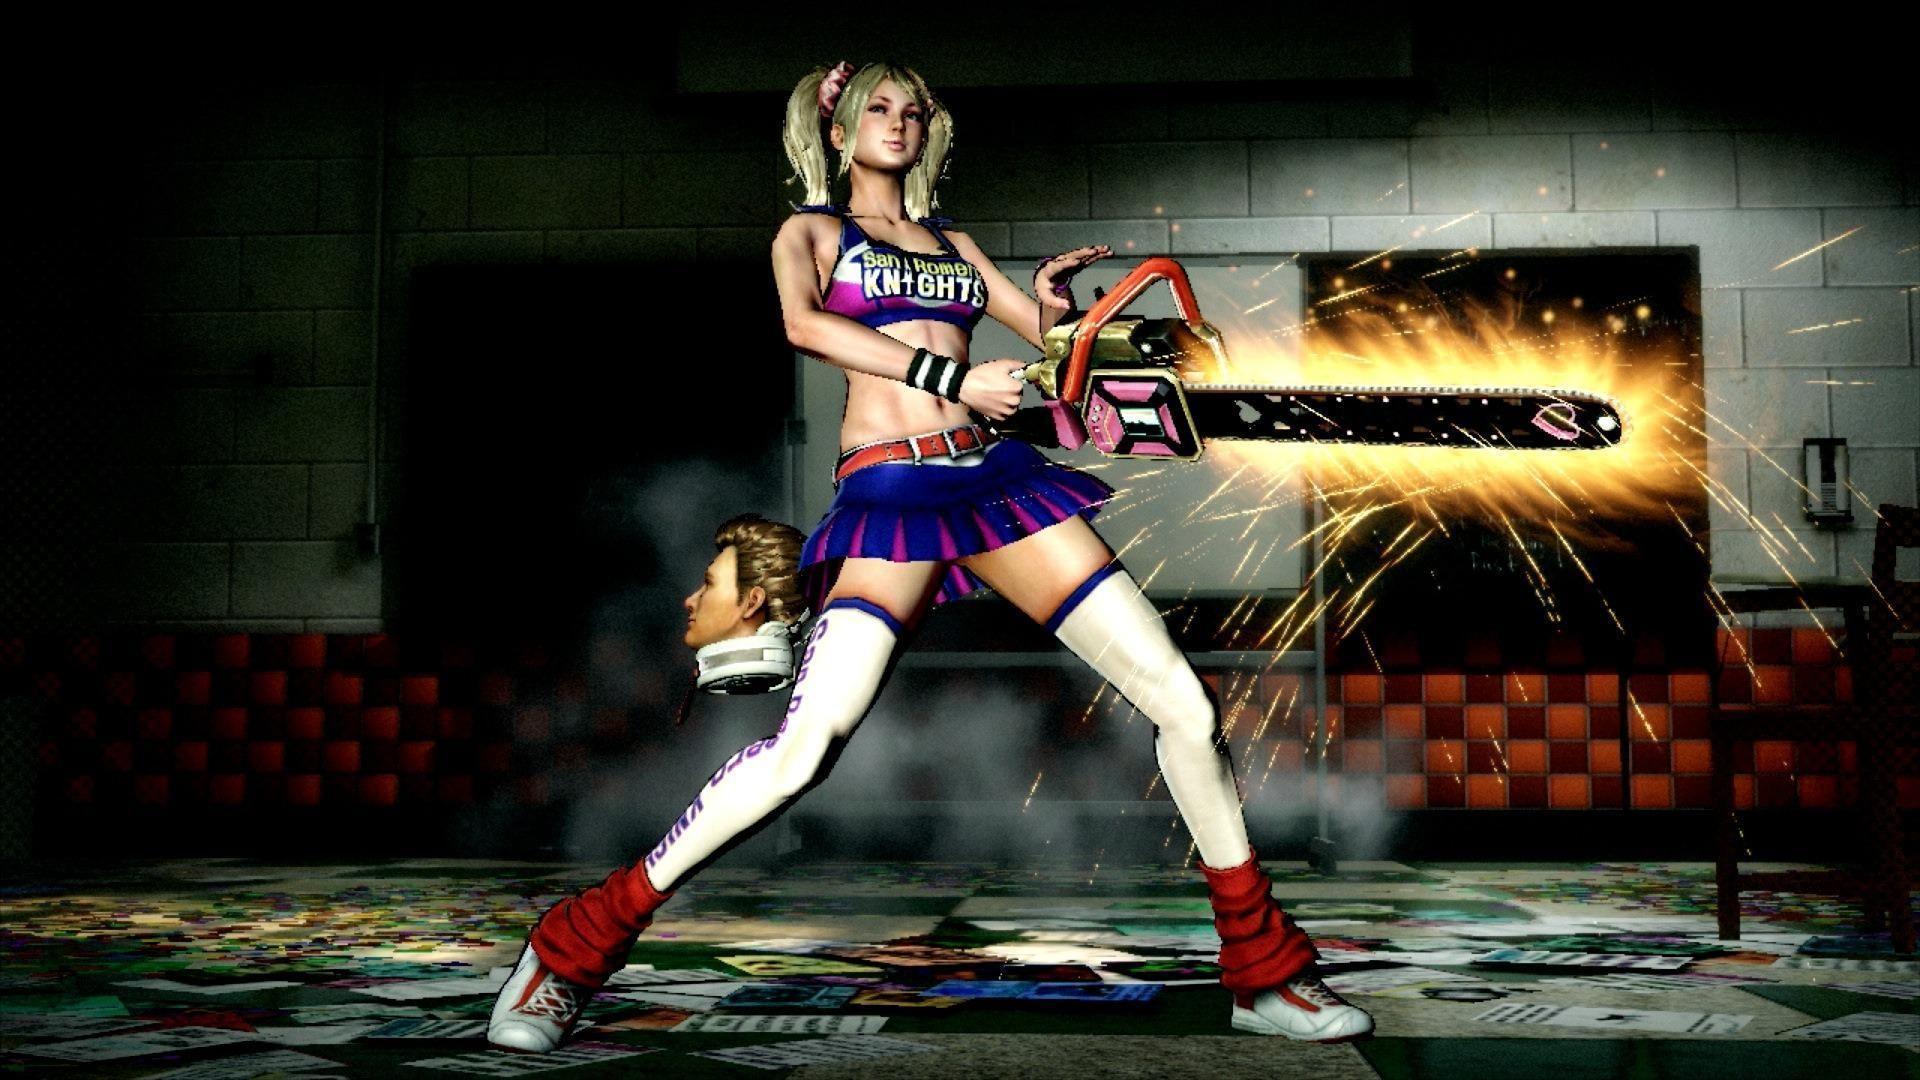 Juliet Chainsaw  #Chainsaw #Games #gaming #Juliet #Pc #wallpaper #desktopwallpaper #hdwallpaper #gaming #games